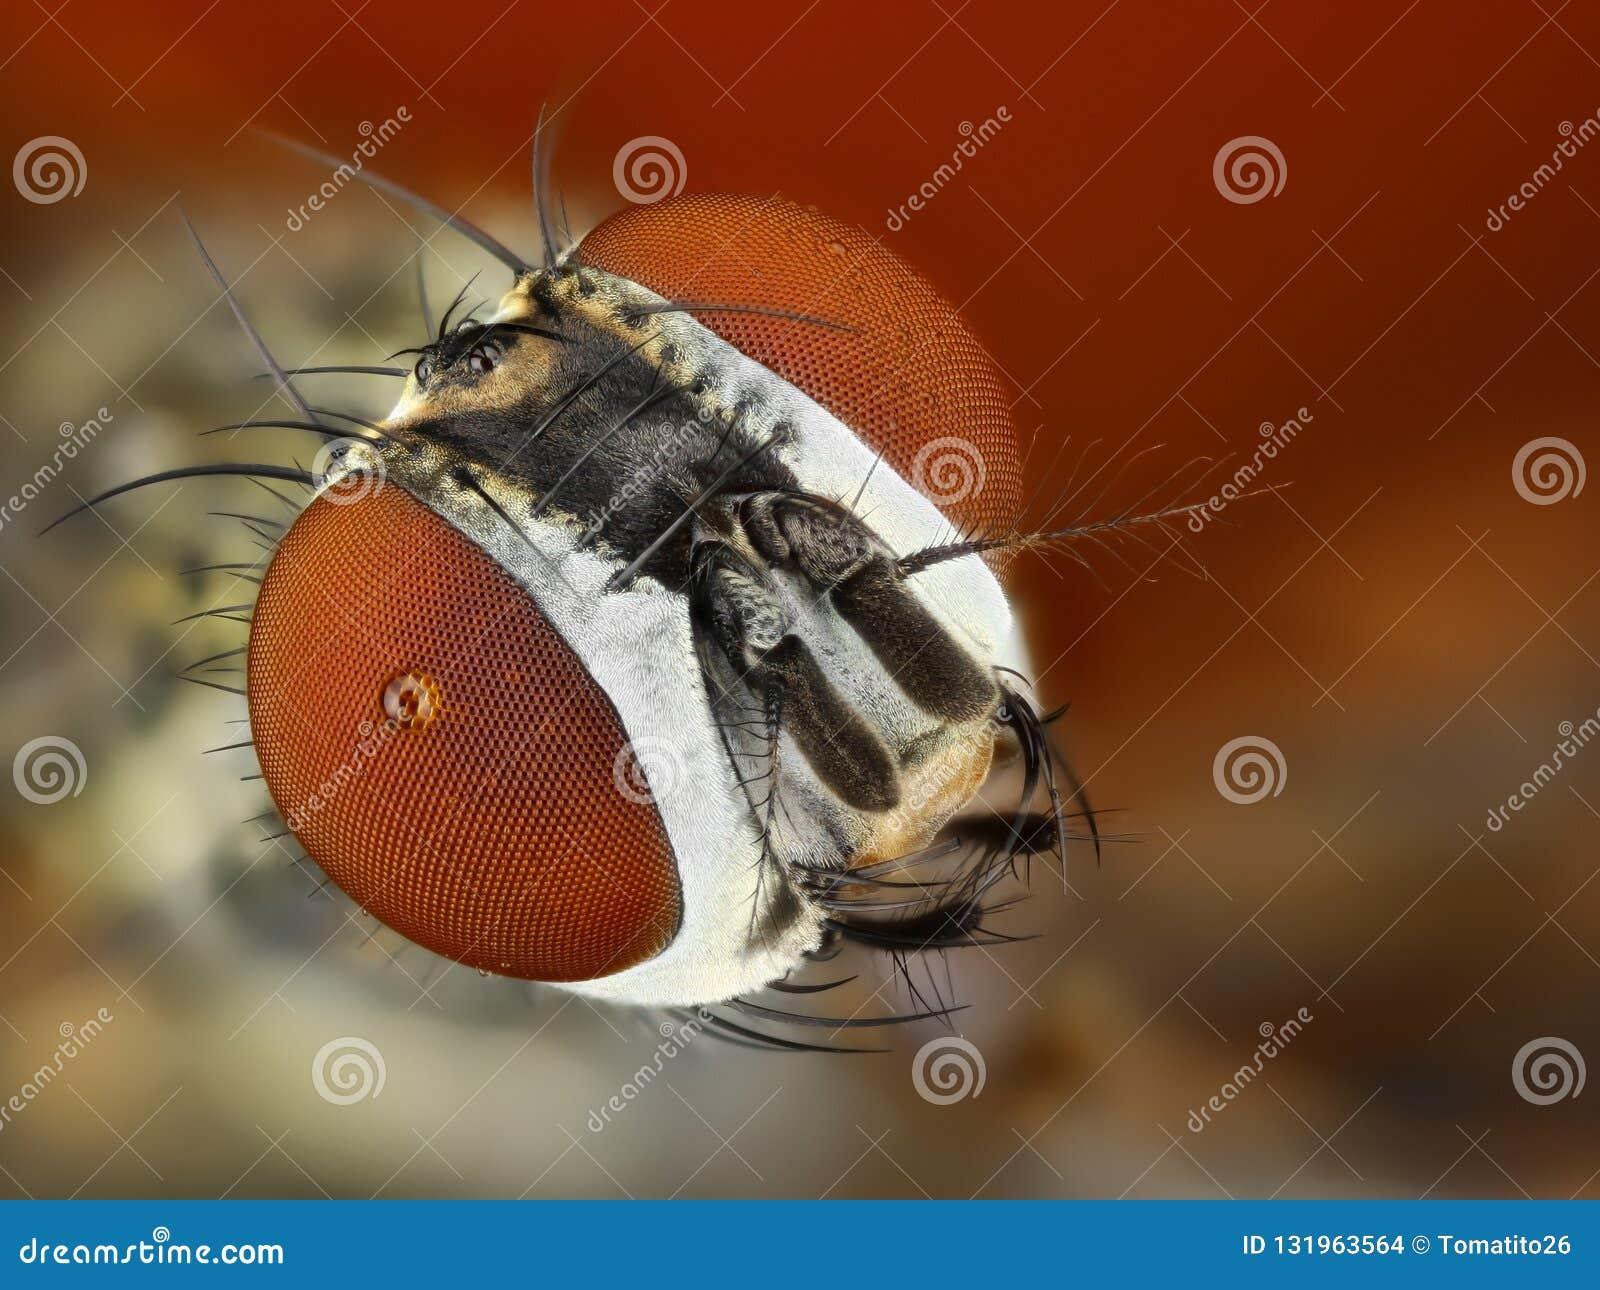 Estudo detalhado da cabeça da mosca empilhado de muitas imagens em uma foto afiada